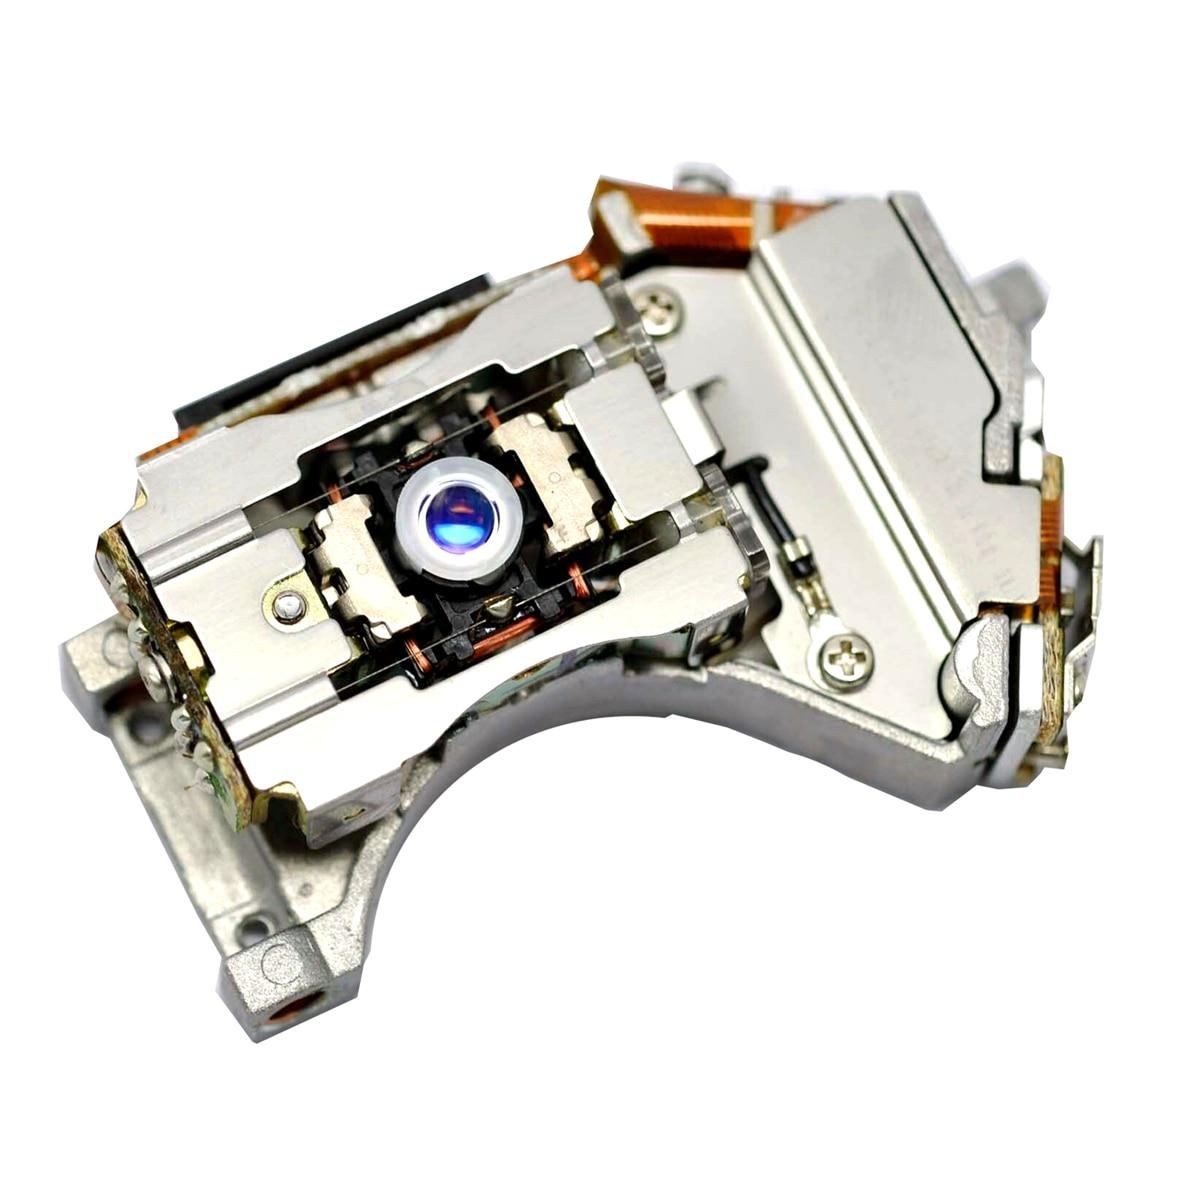 Оригинальная новая встроенная лазерная головка, оптическая CD DVD SFHD1 cd dvd Лазерная линза